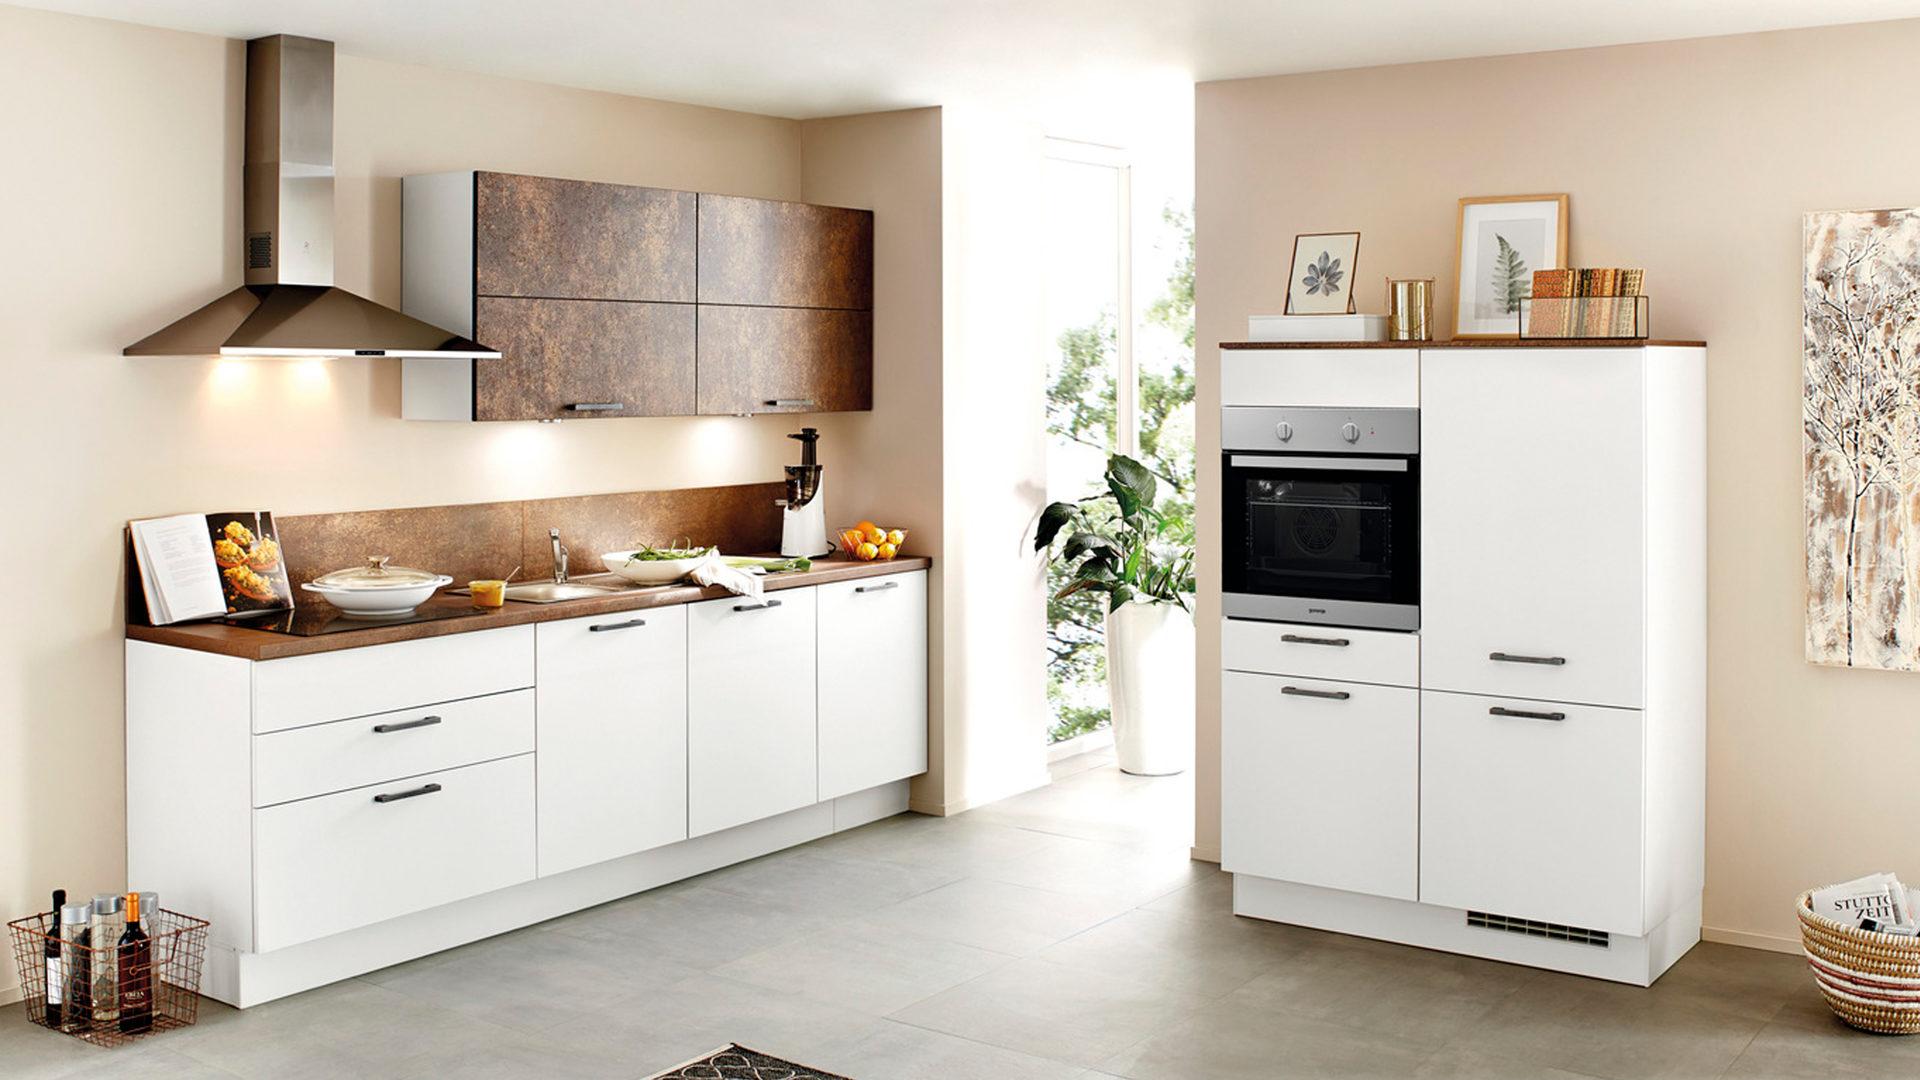 Einbauküchen  Wohnland Breitwieser , Möbel A-Z, Küchen, Einbauküchen, Einbauküche ...